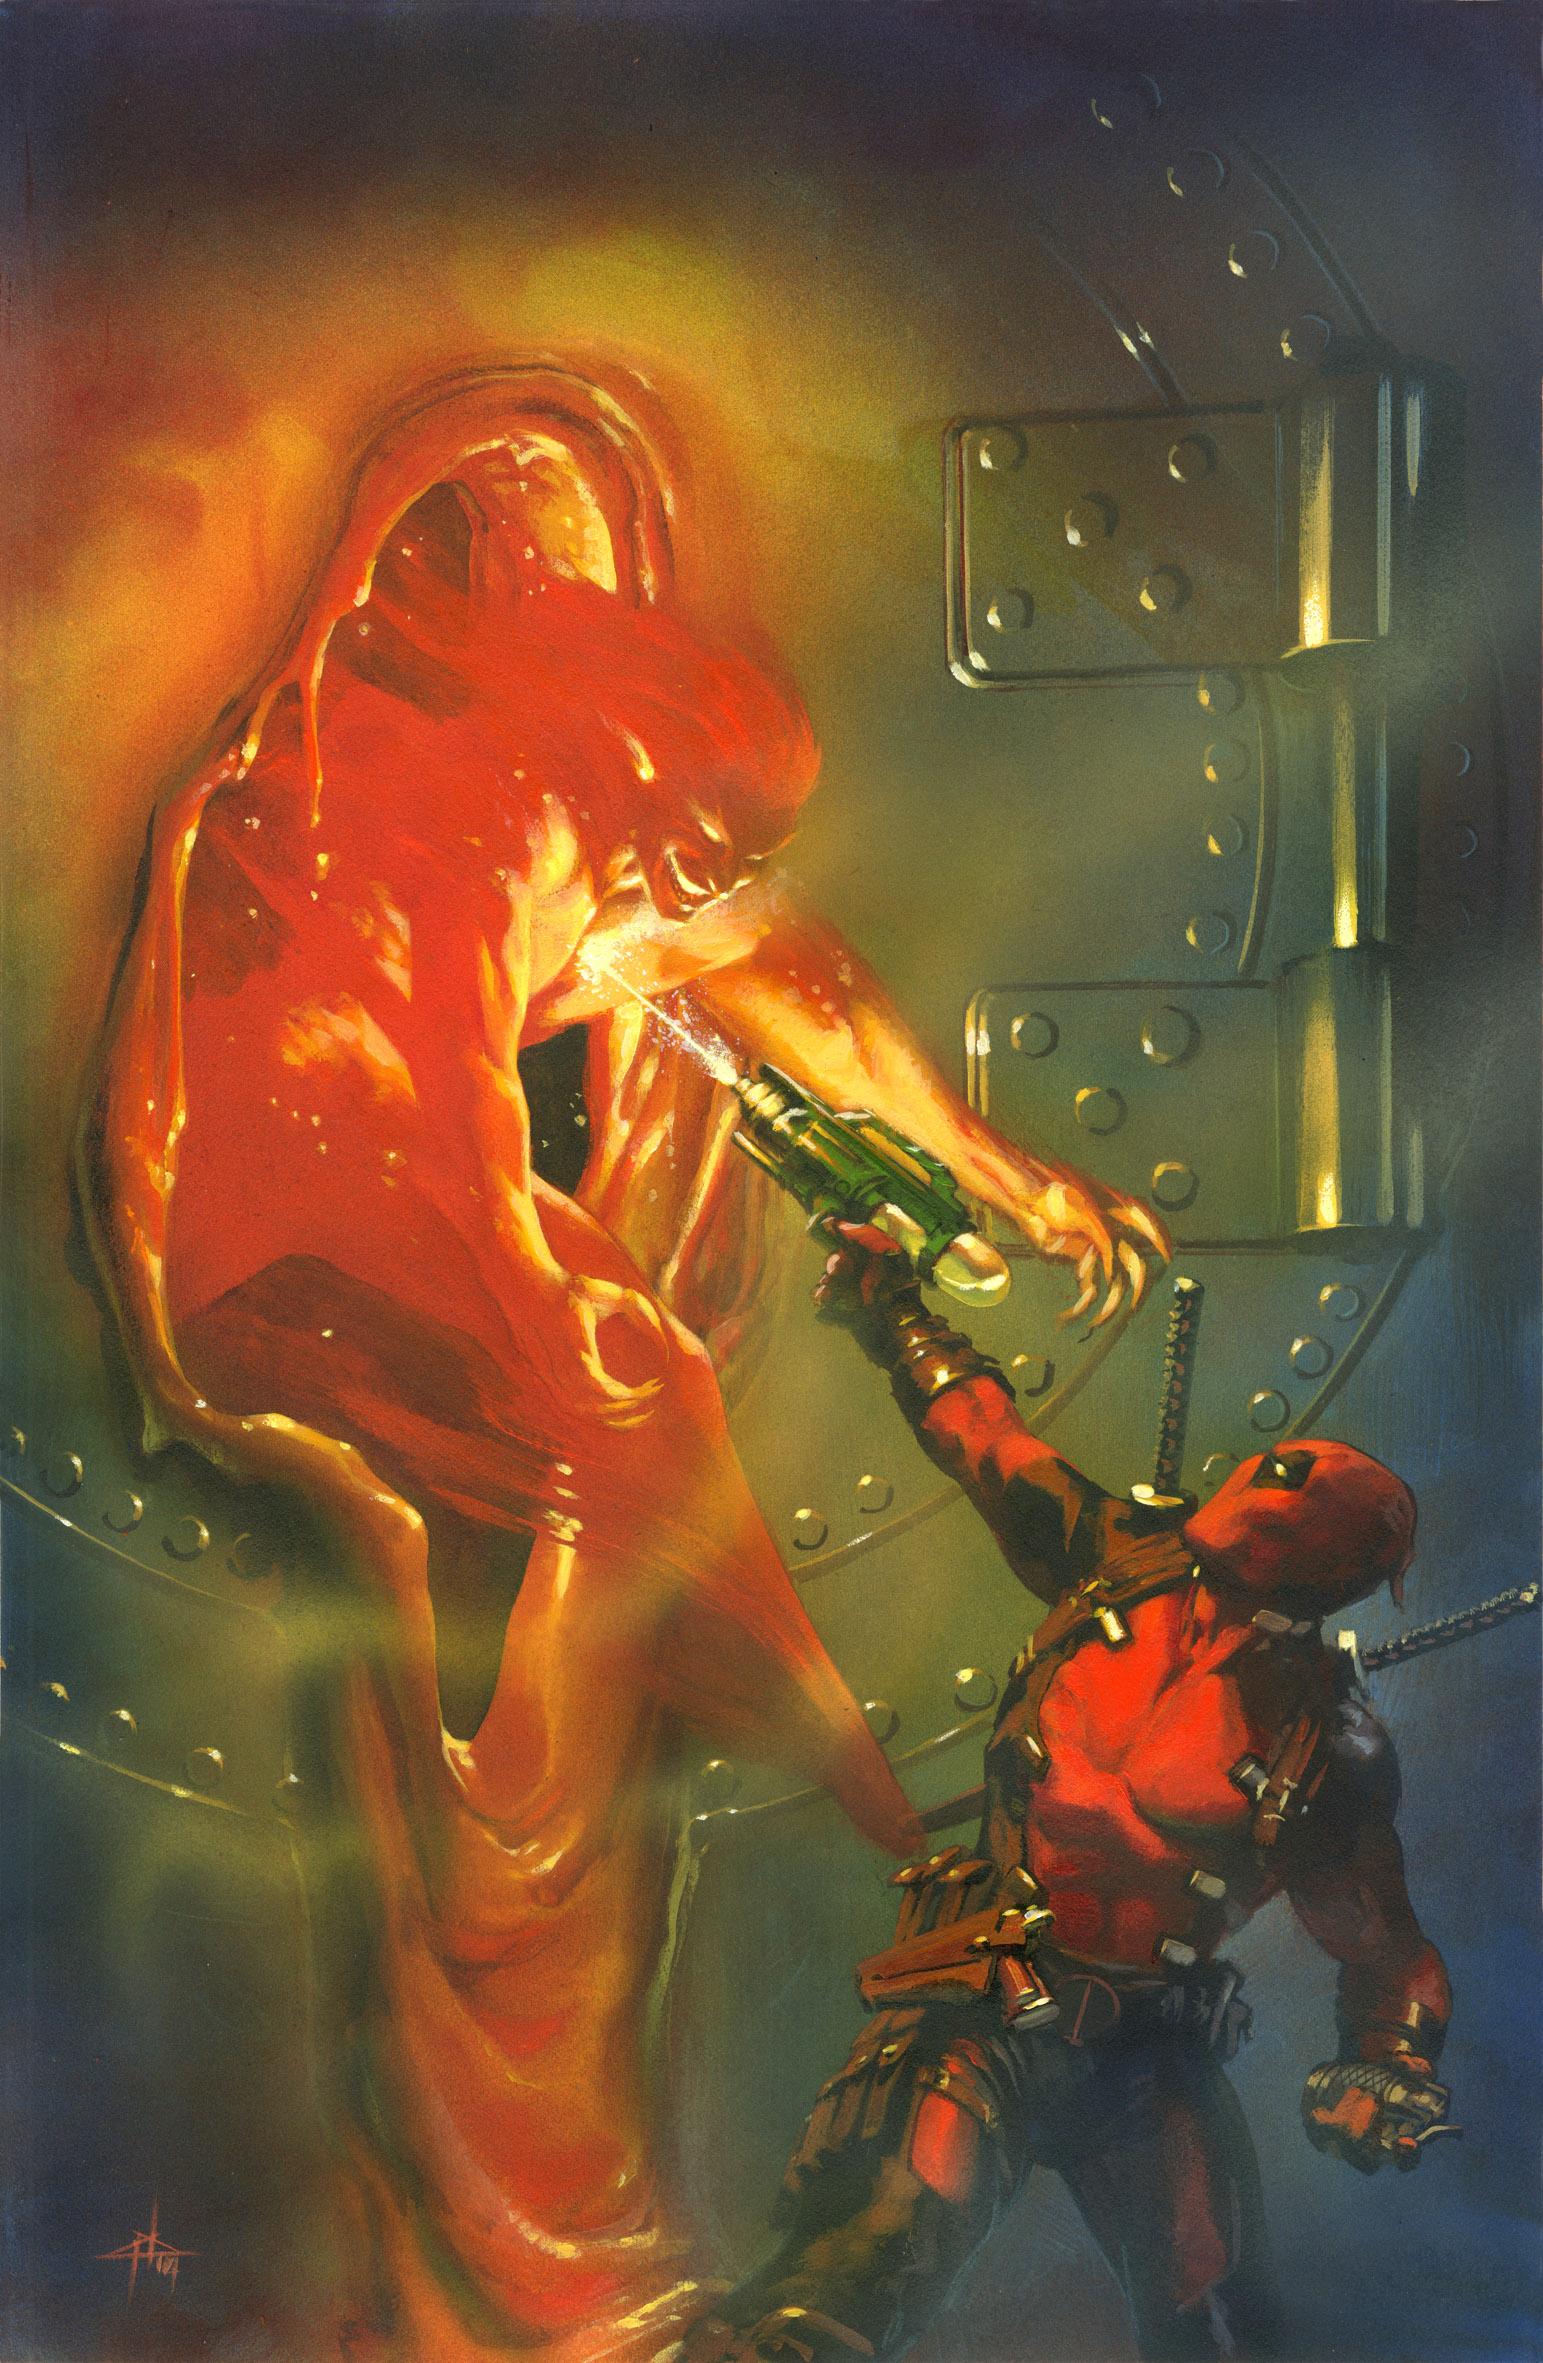 La portada variante de 'Uncanny Avengers' que se mofa del póster de 'The Avengers'